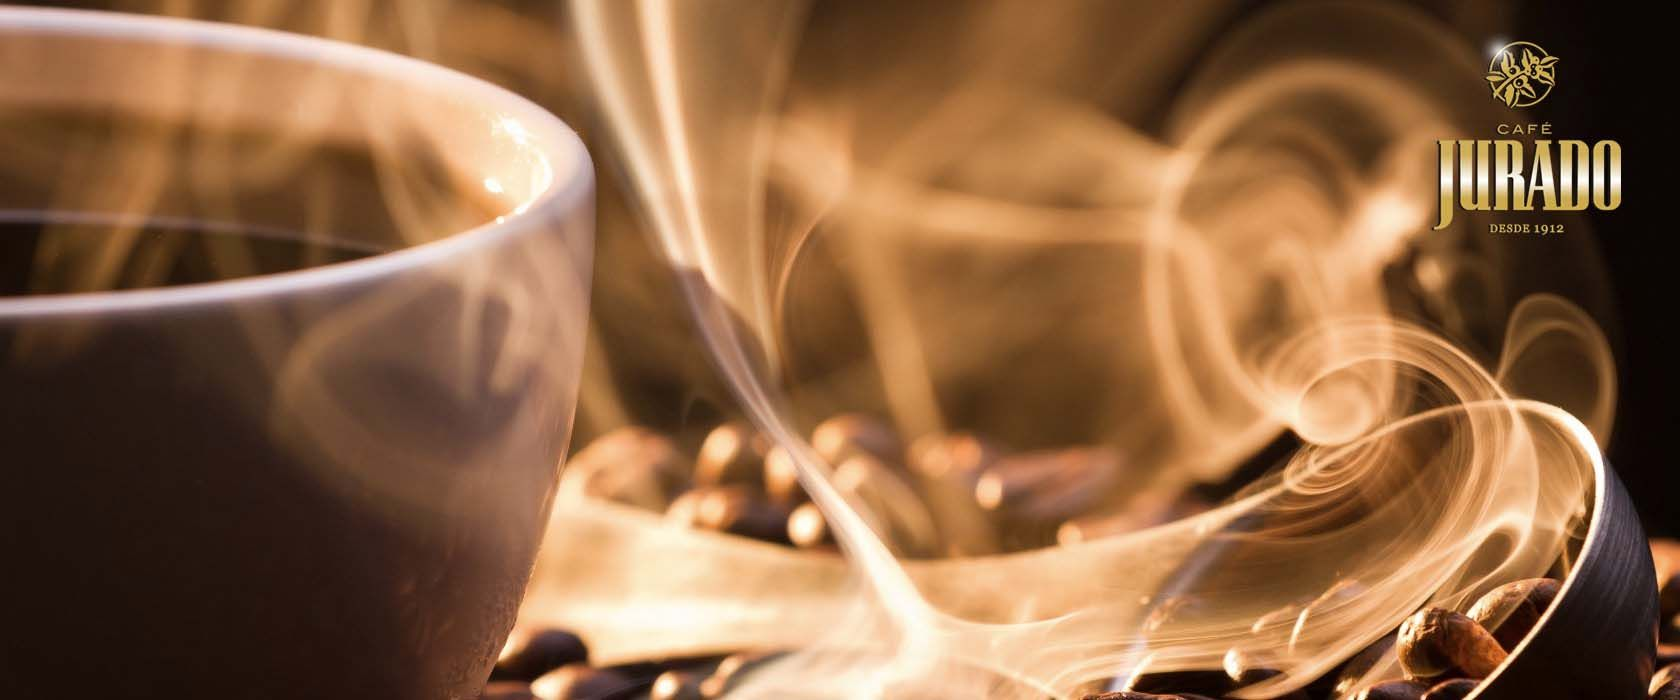 El aroma a buen café es algo que nos atrae a muchos, mañana os contamos las diferencias entre el aroma a robusta y arábica, estar atentos a nuestras publicaciones, a todos los amantes del Café Jurado seguro que os gusta.